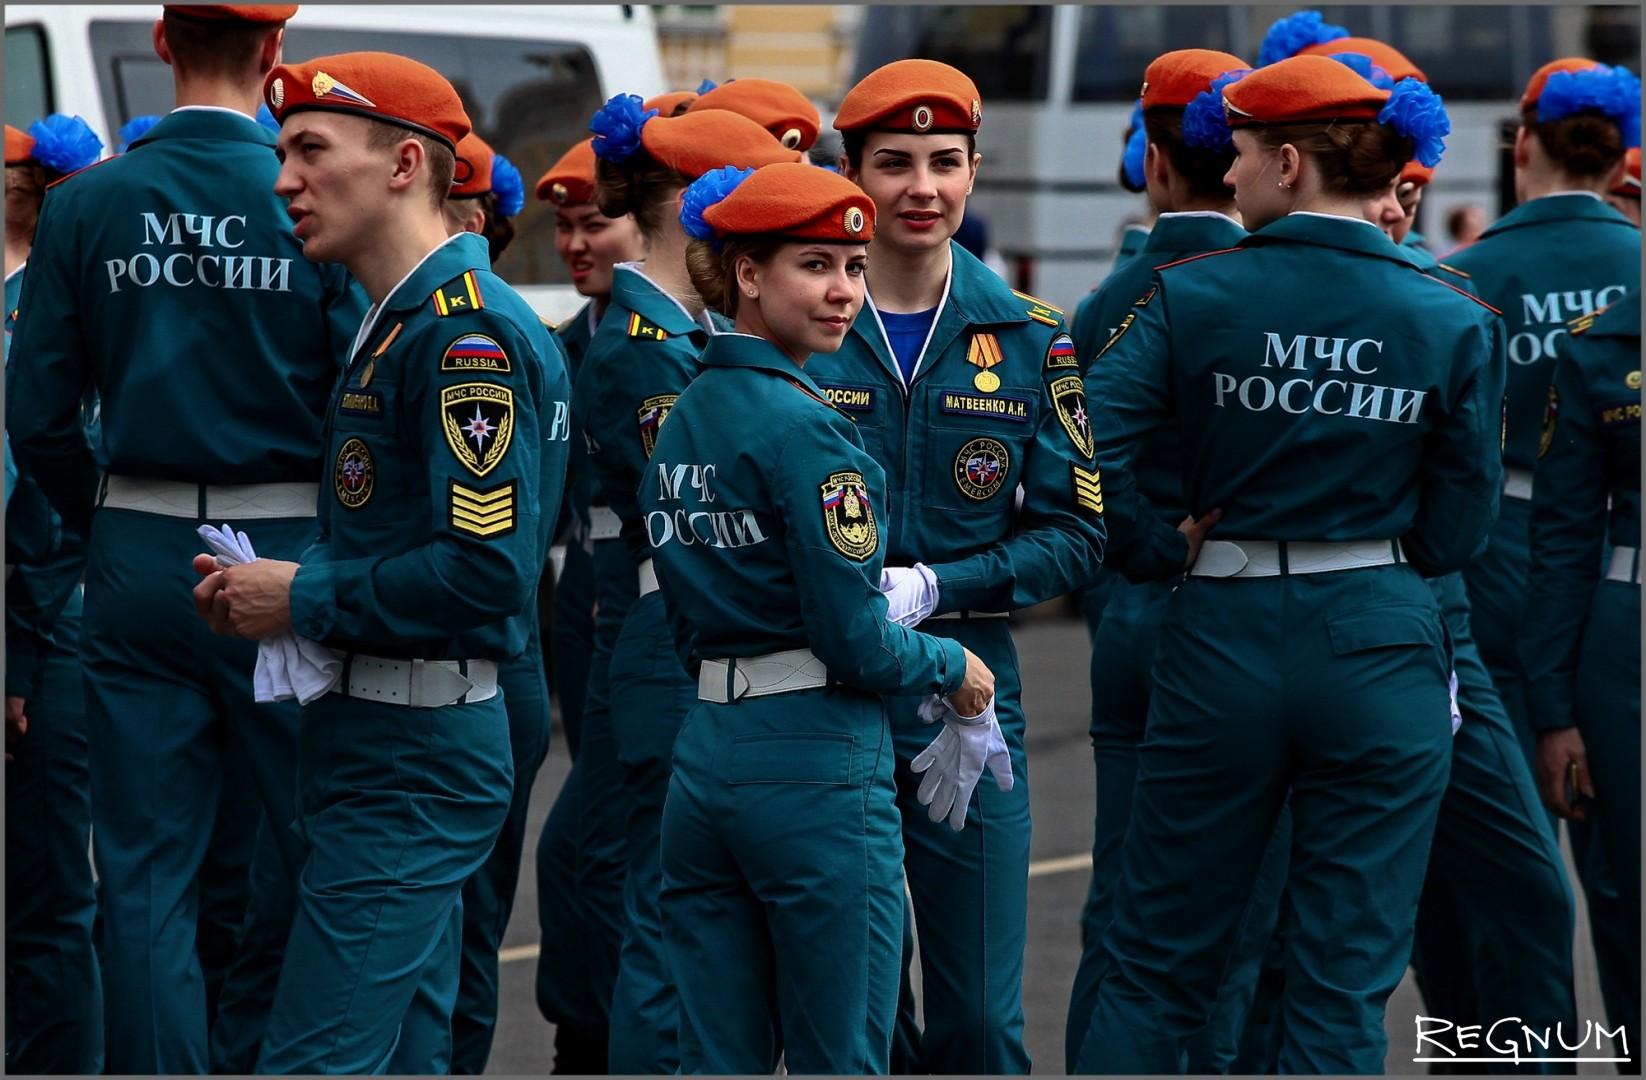 Мчс россии форма картинки